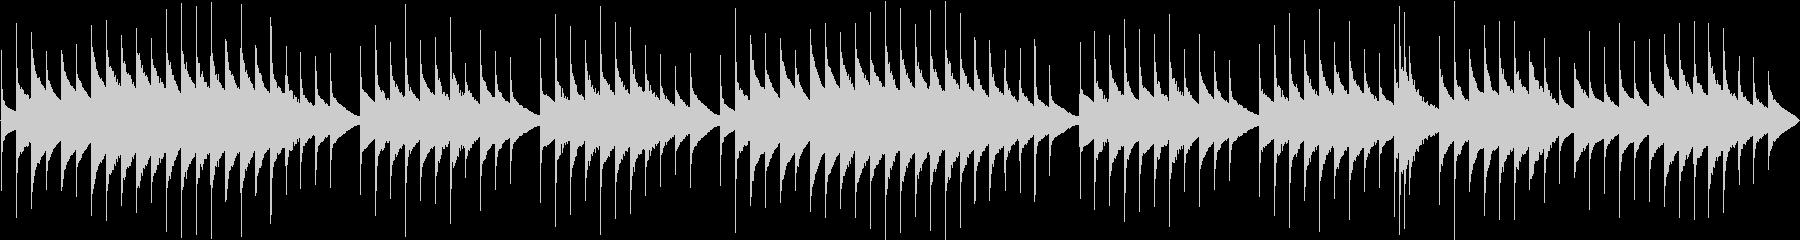 ほんわかとしたオルゴール曲(ループ用)の未再生の波形